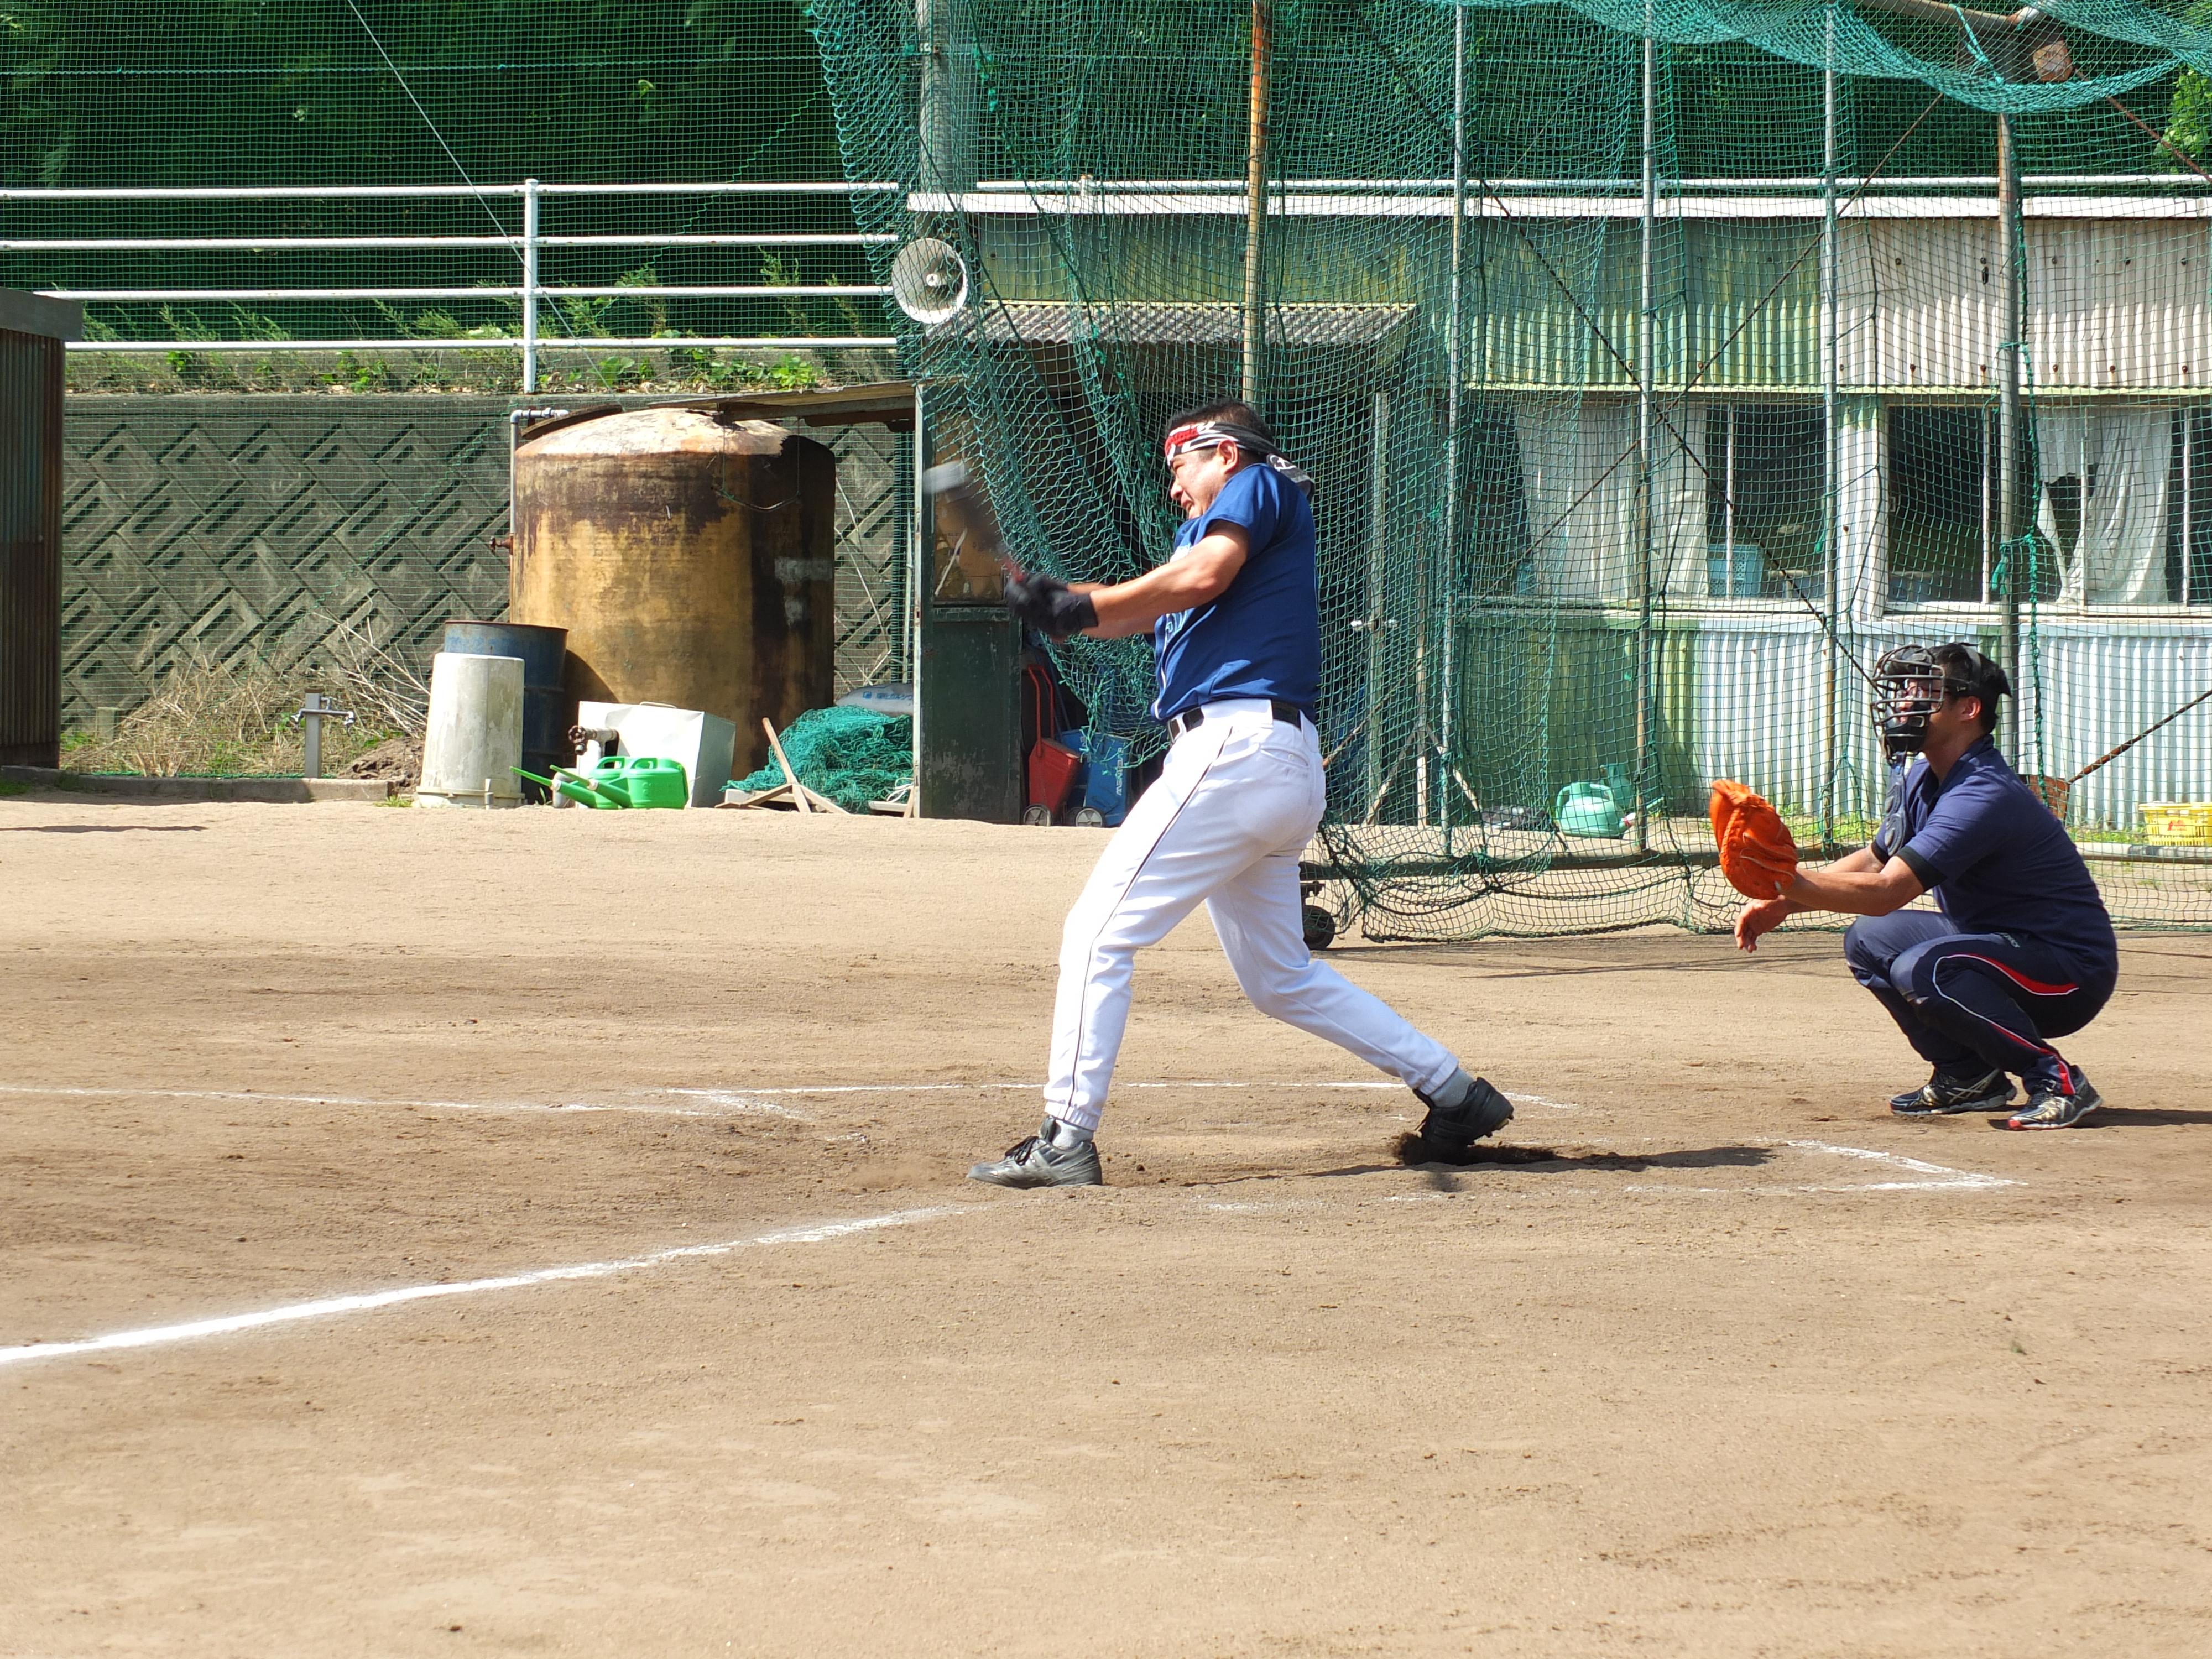 プロ野球も高校野球も盛り上がっている一方で。。。